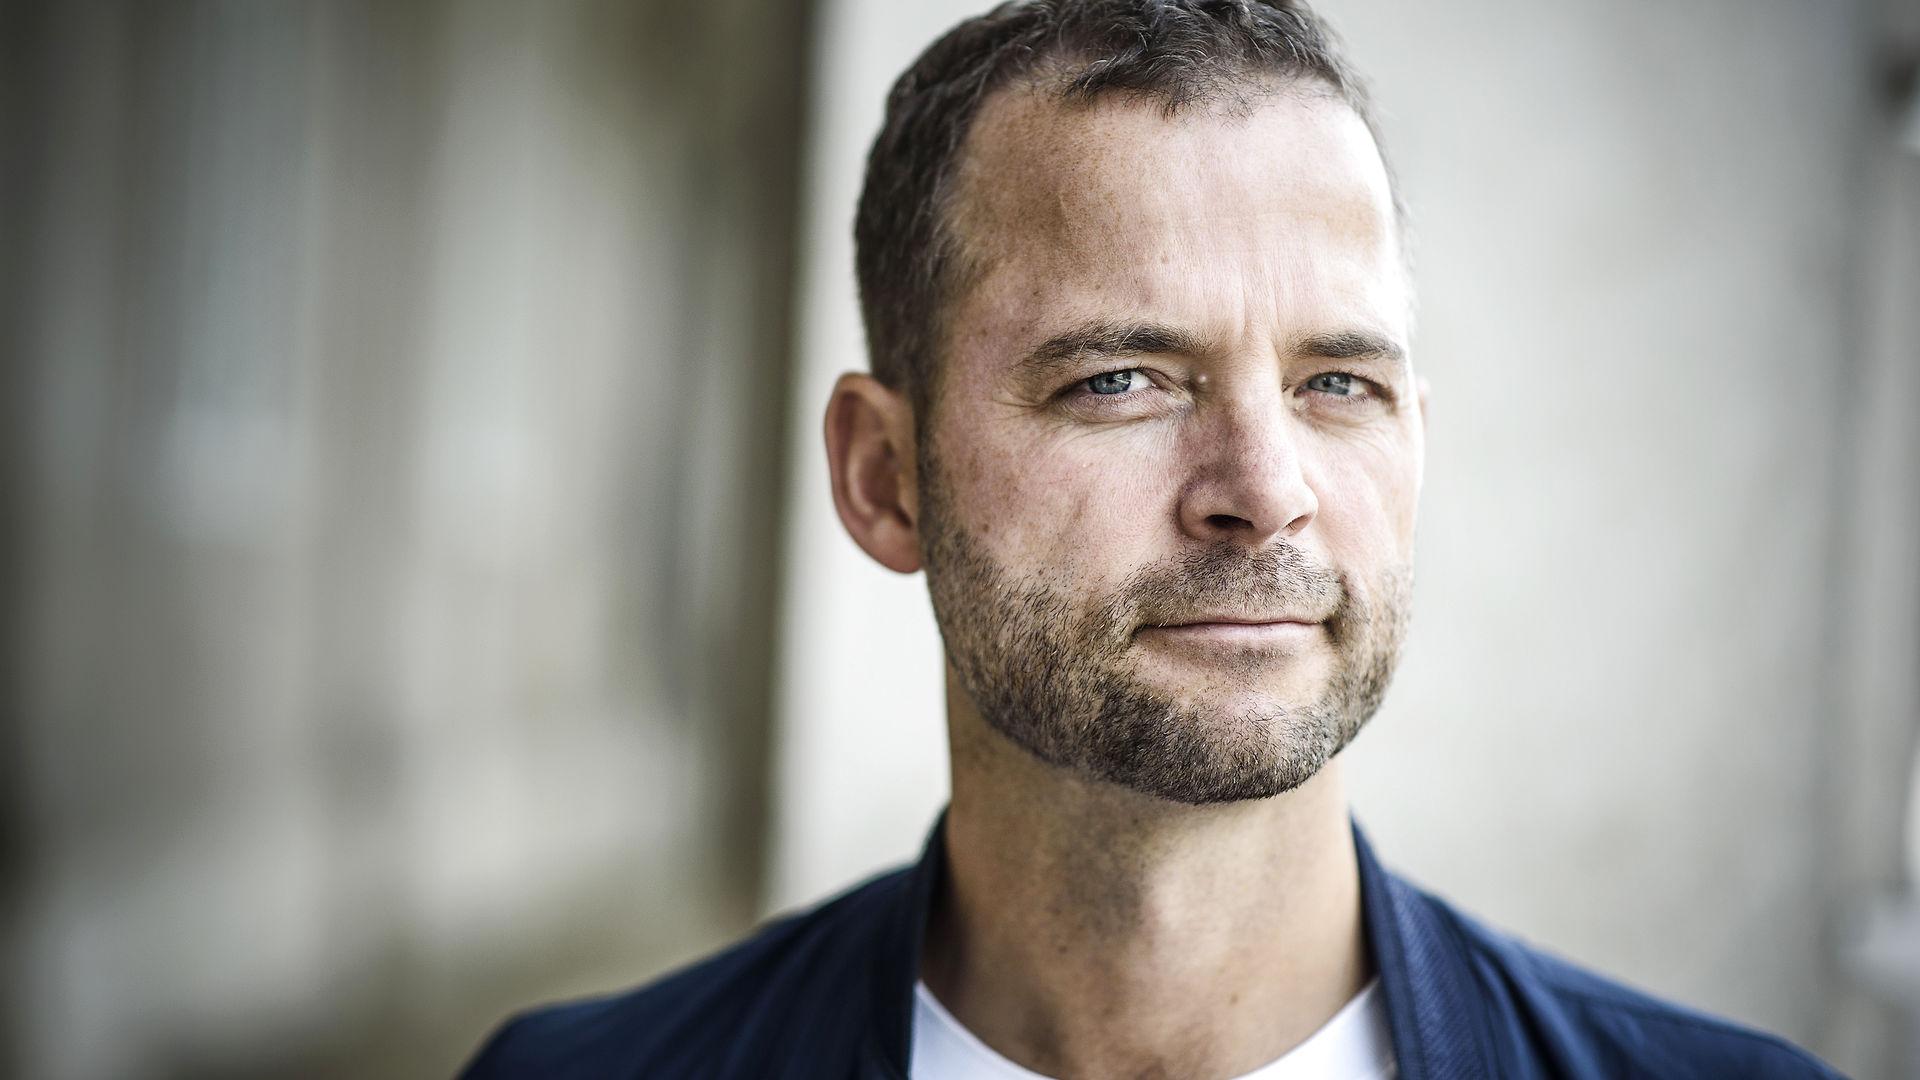 """Morten Østergaard: Jeg har kunnet læse i Politiken på lederplads: """"Man kan ikke bevare sine værdier efter den her flygtningekrise"""". Dér har jeg indimellem følt, at der var strid modvindNy interviewserie (og podcast) for RÆSONs abonnenter"""